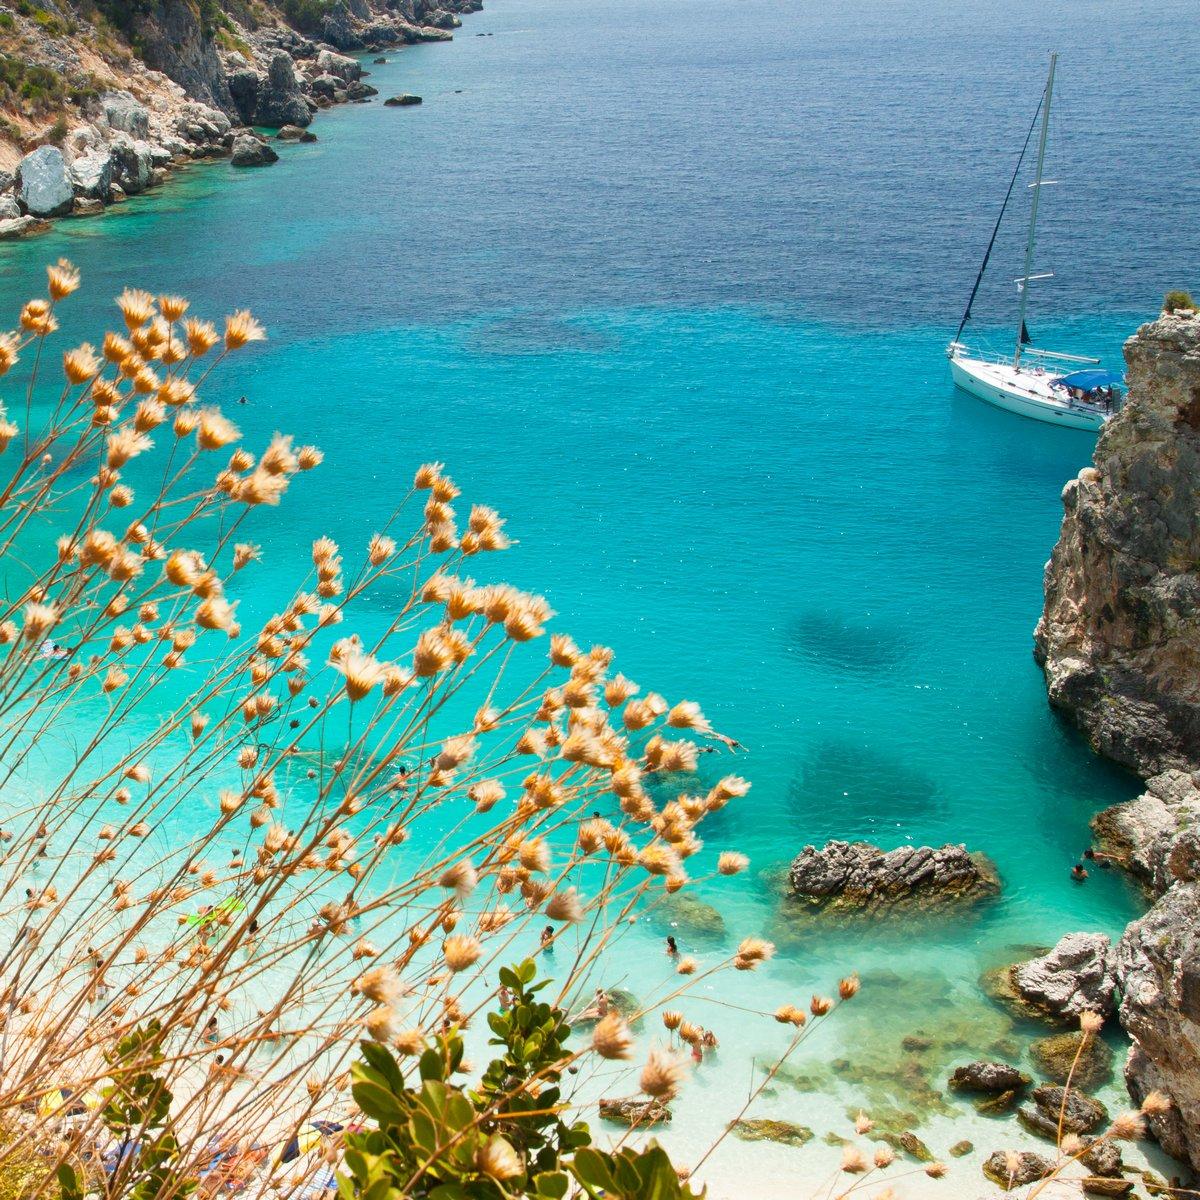 Постер Греция Прекрасный вид на Agiofili пляж, Lefkada, ГрецияГреция<br>Постер на холсте или бумаге. Любого нужного вам размера. В раме или без. Подвес в комплекте. Трехслойная надежная упаковка. Доставим в любую точку России. Вам осталось только повесить картину на стену!<br>